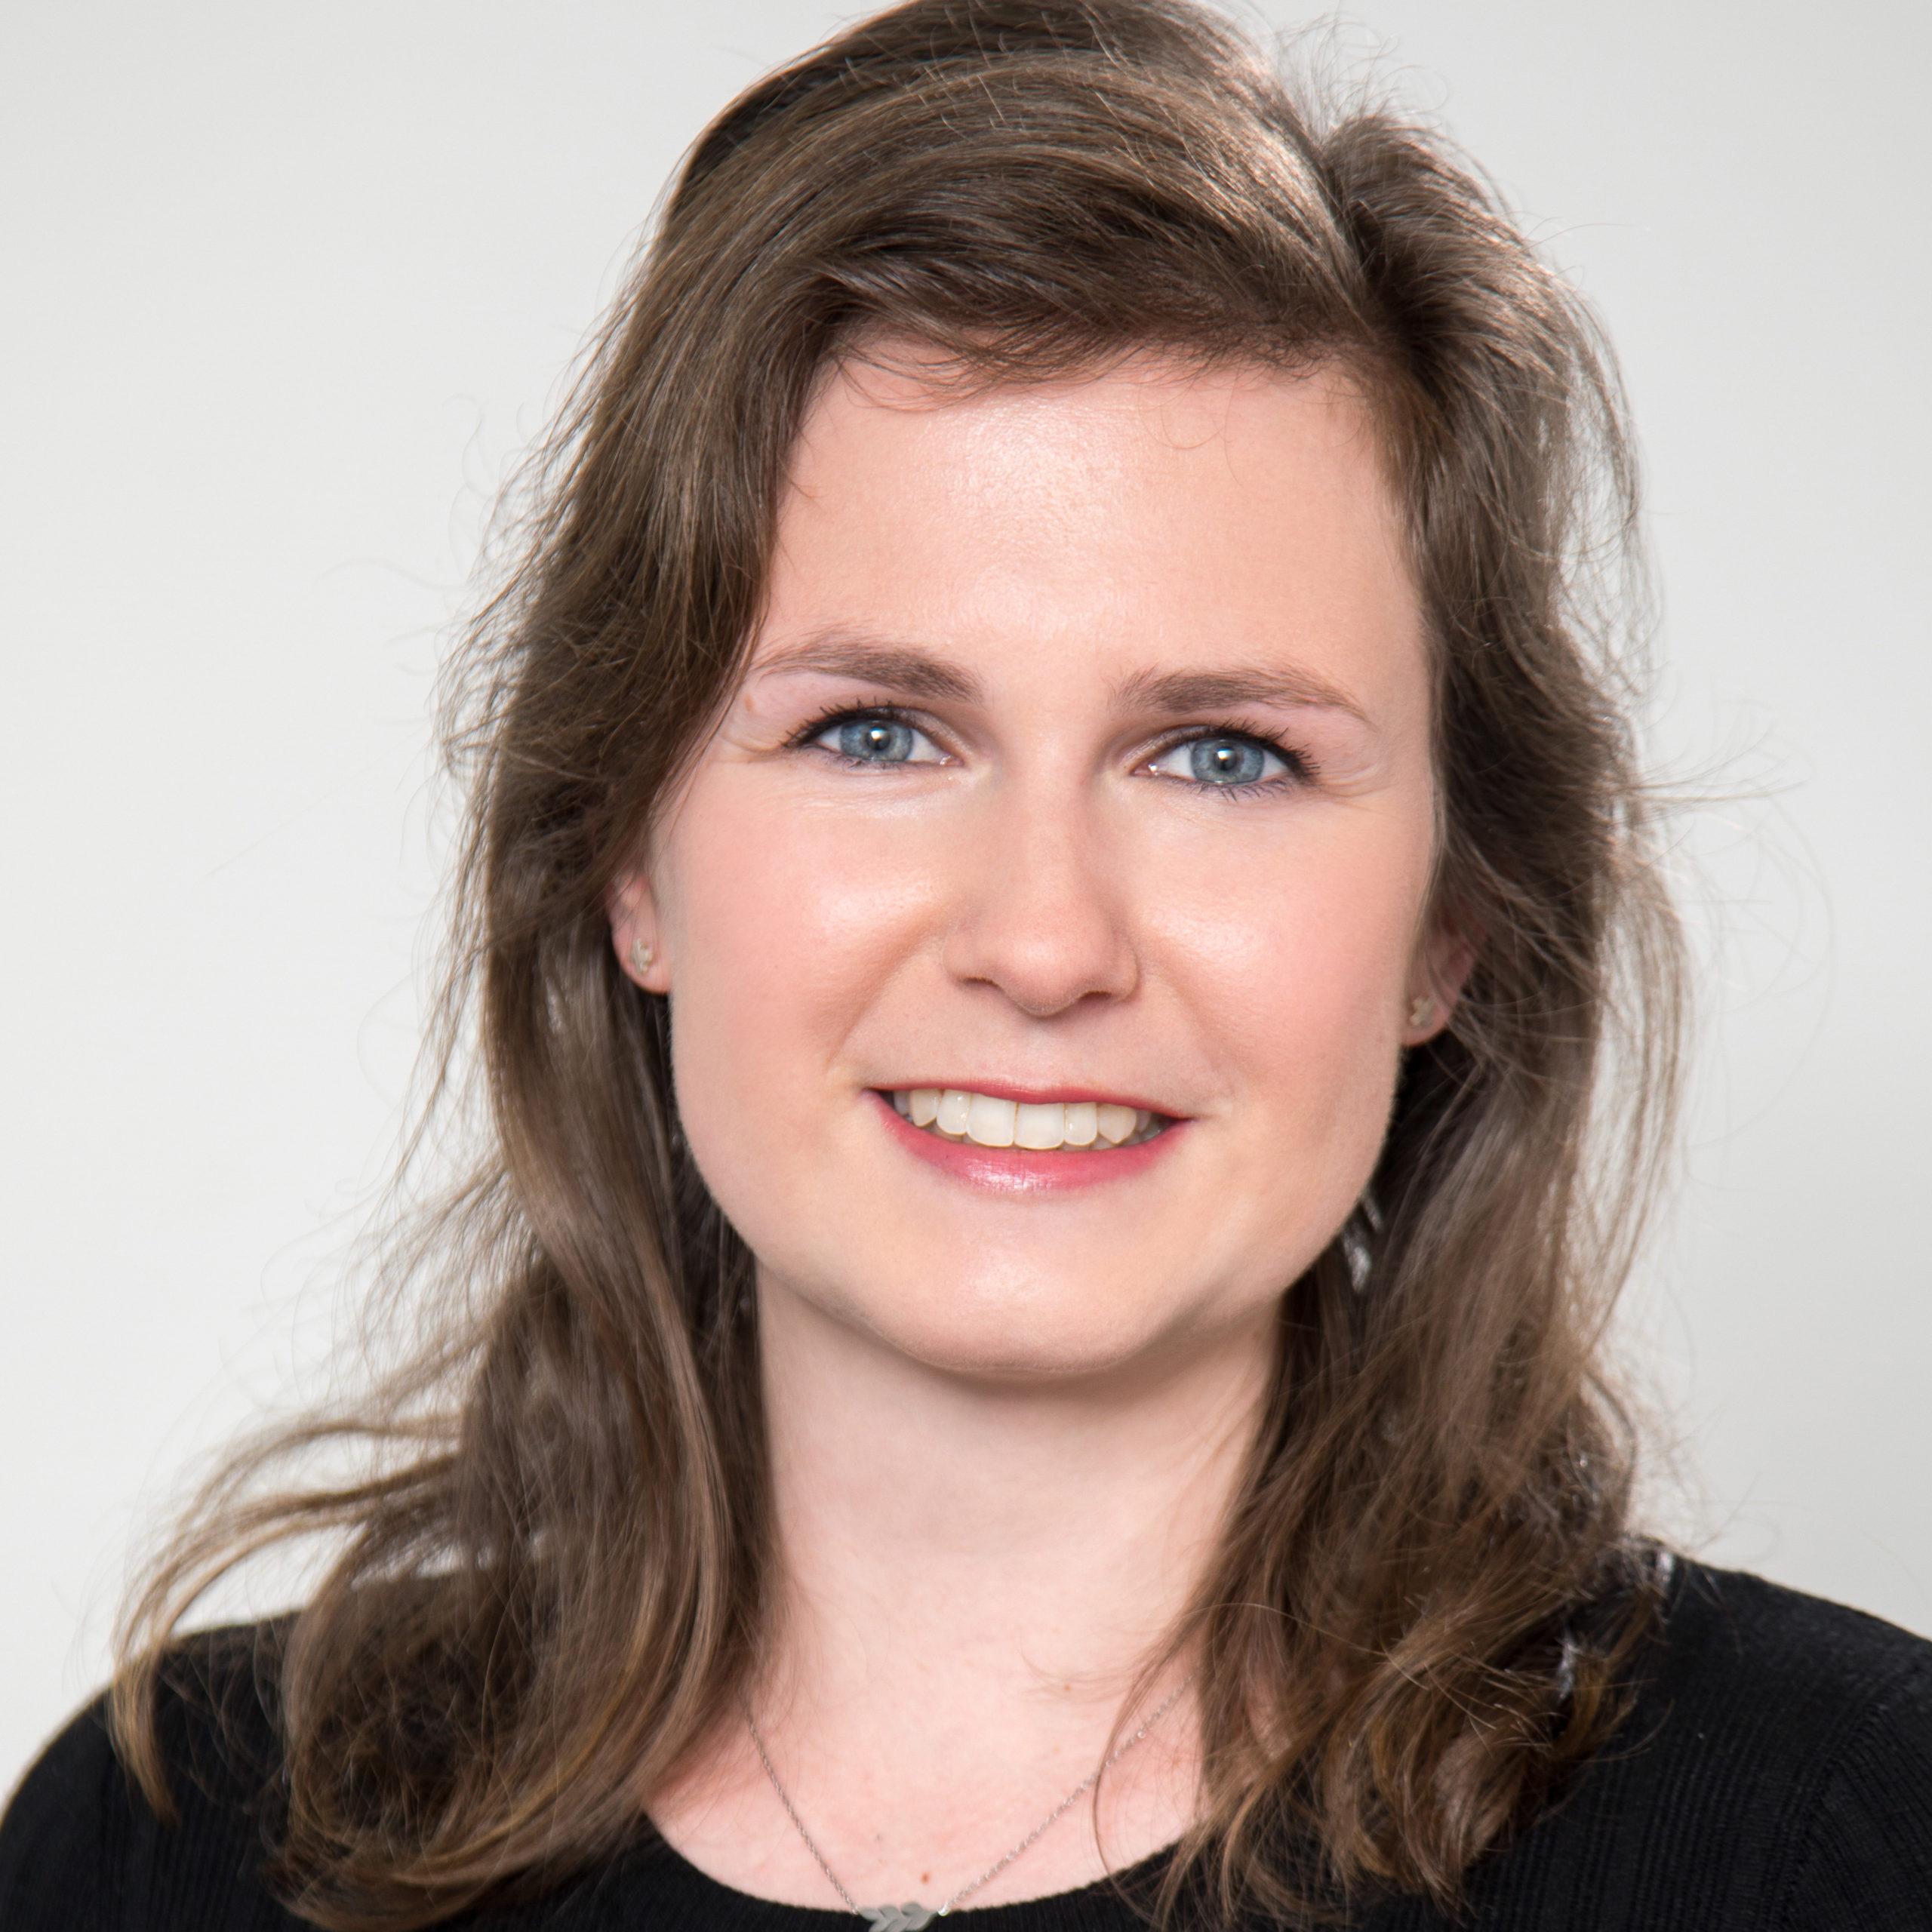 Tamara Leideritz Prodeba zorgprofessional